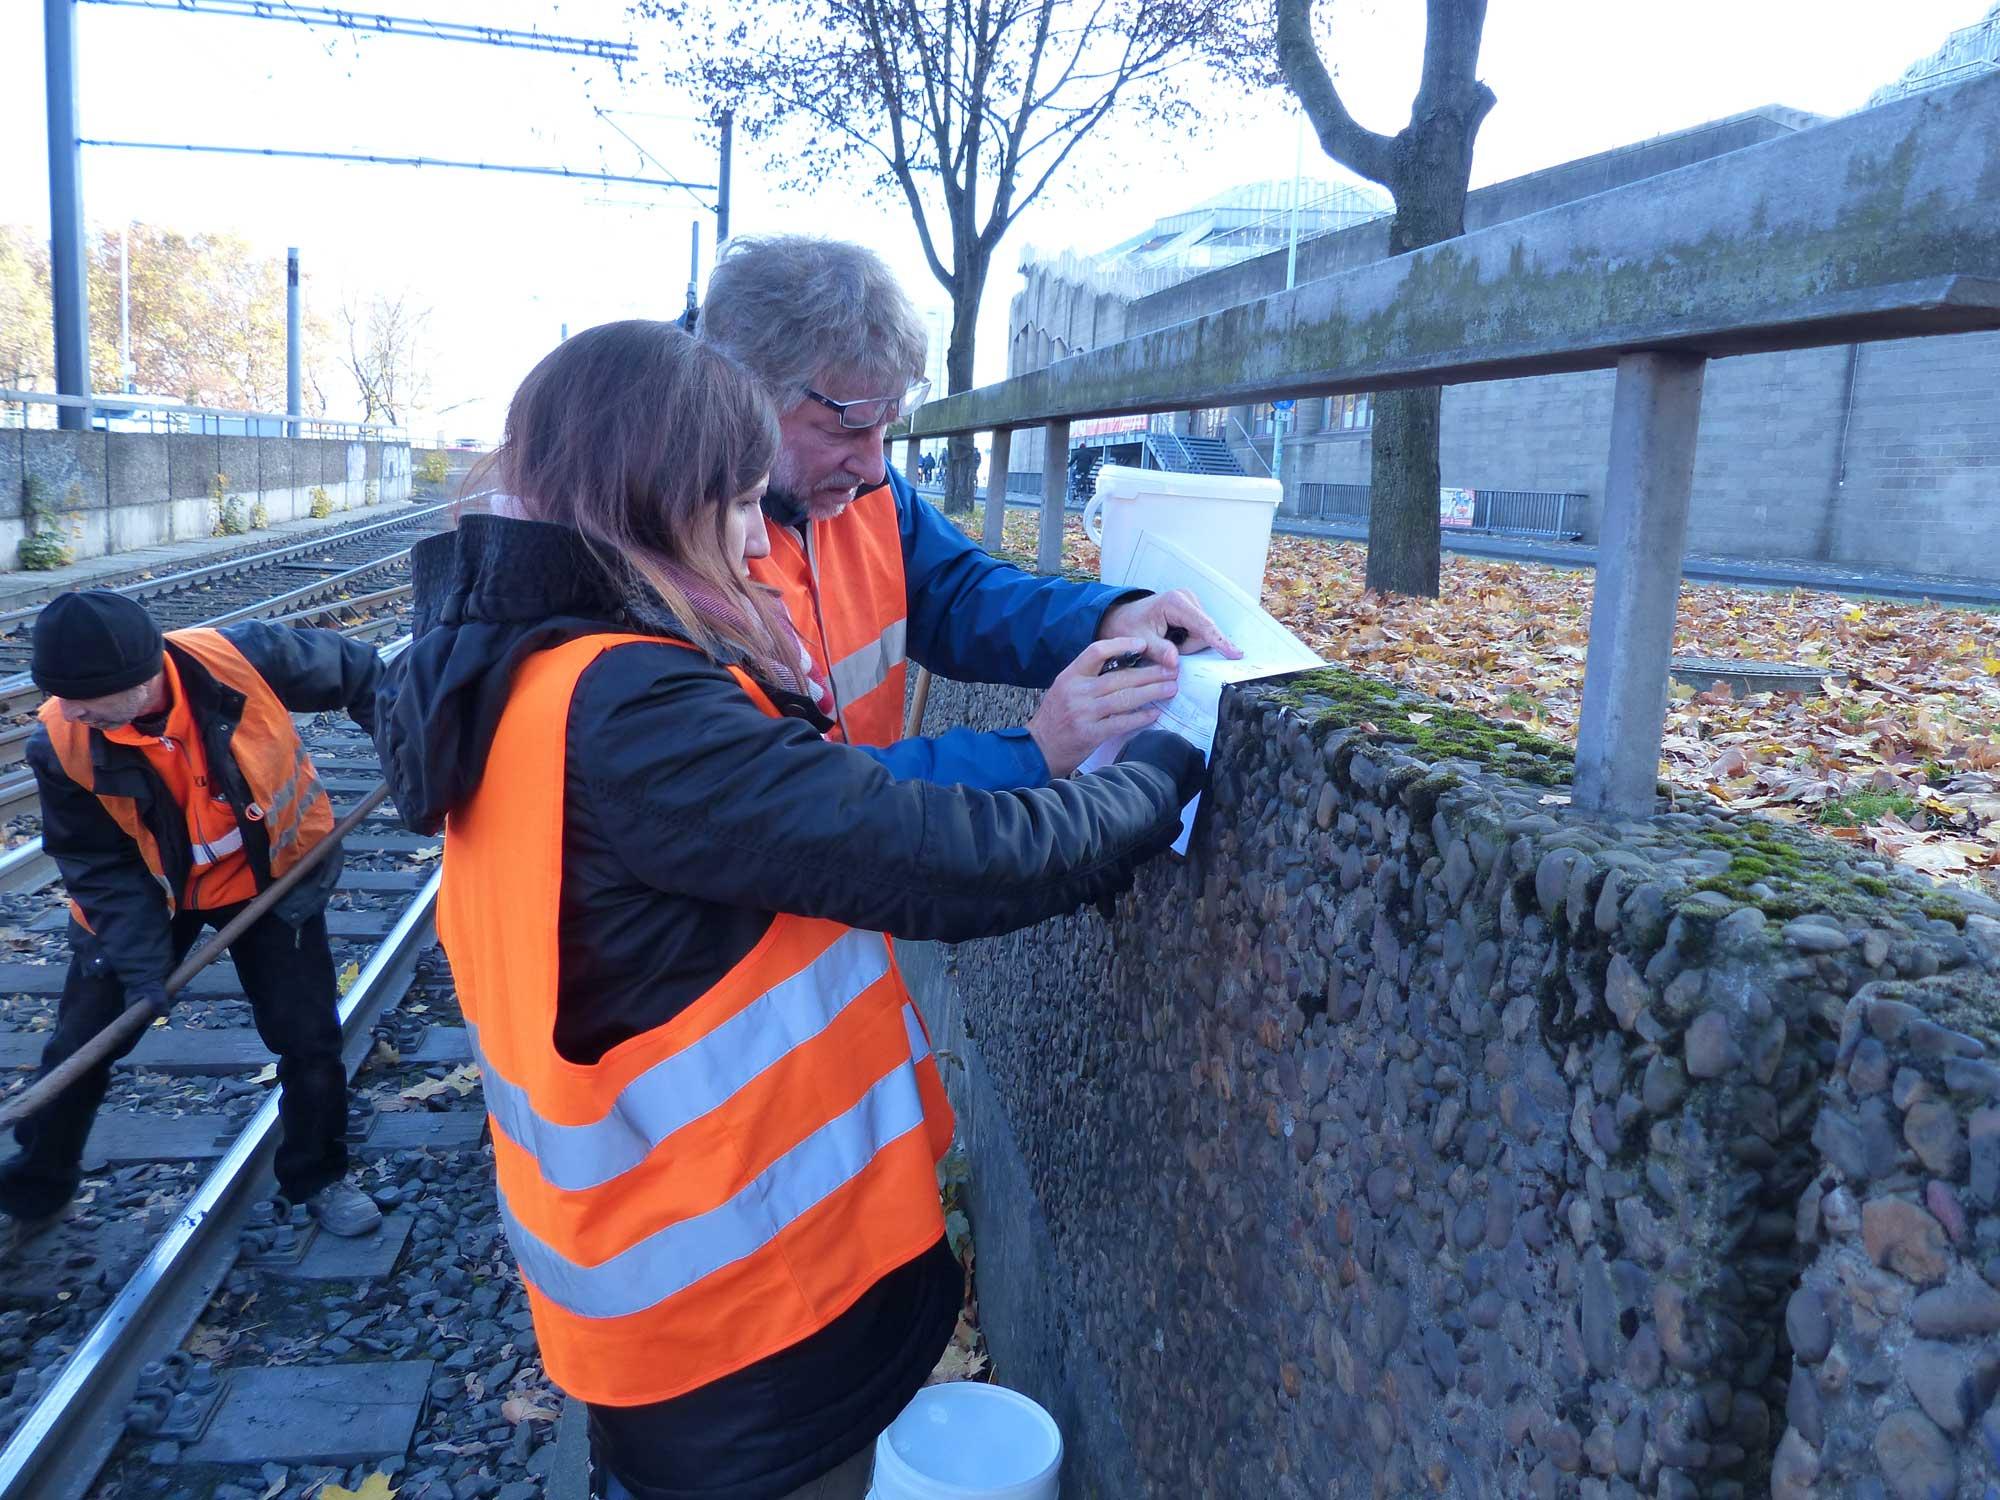 Auch vor Ort ist Carolin im Einsatz. Hier werden für eine geplante Baumaßnahme Schotterproben entnommen.